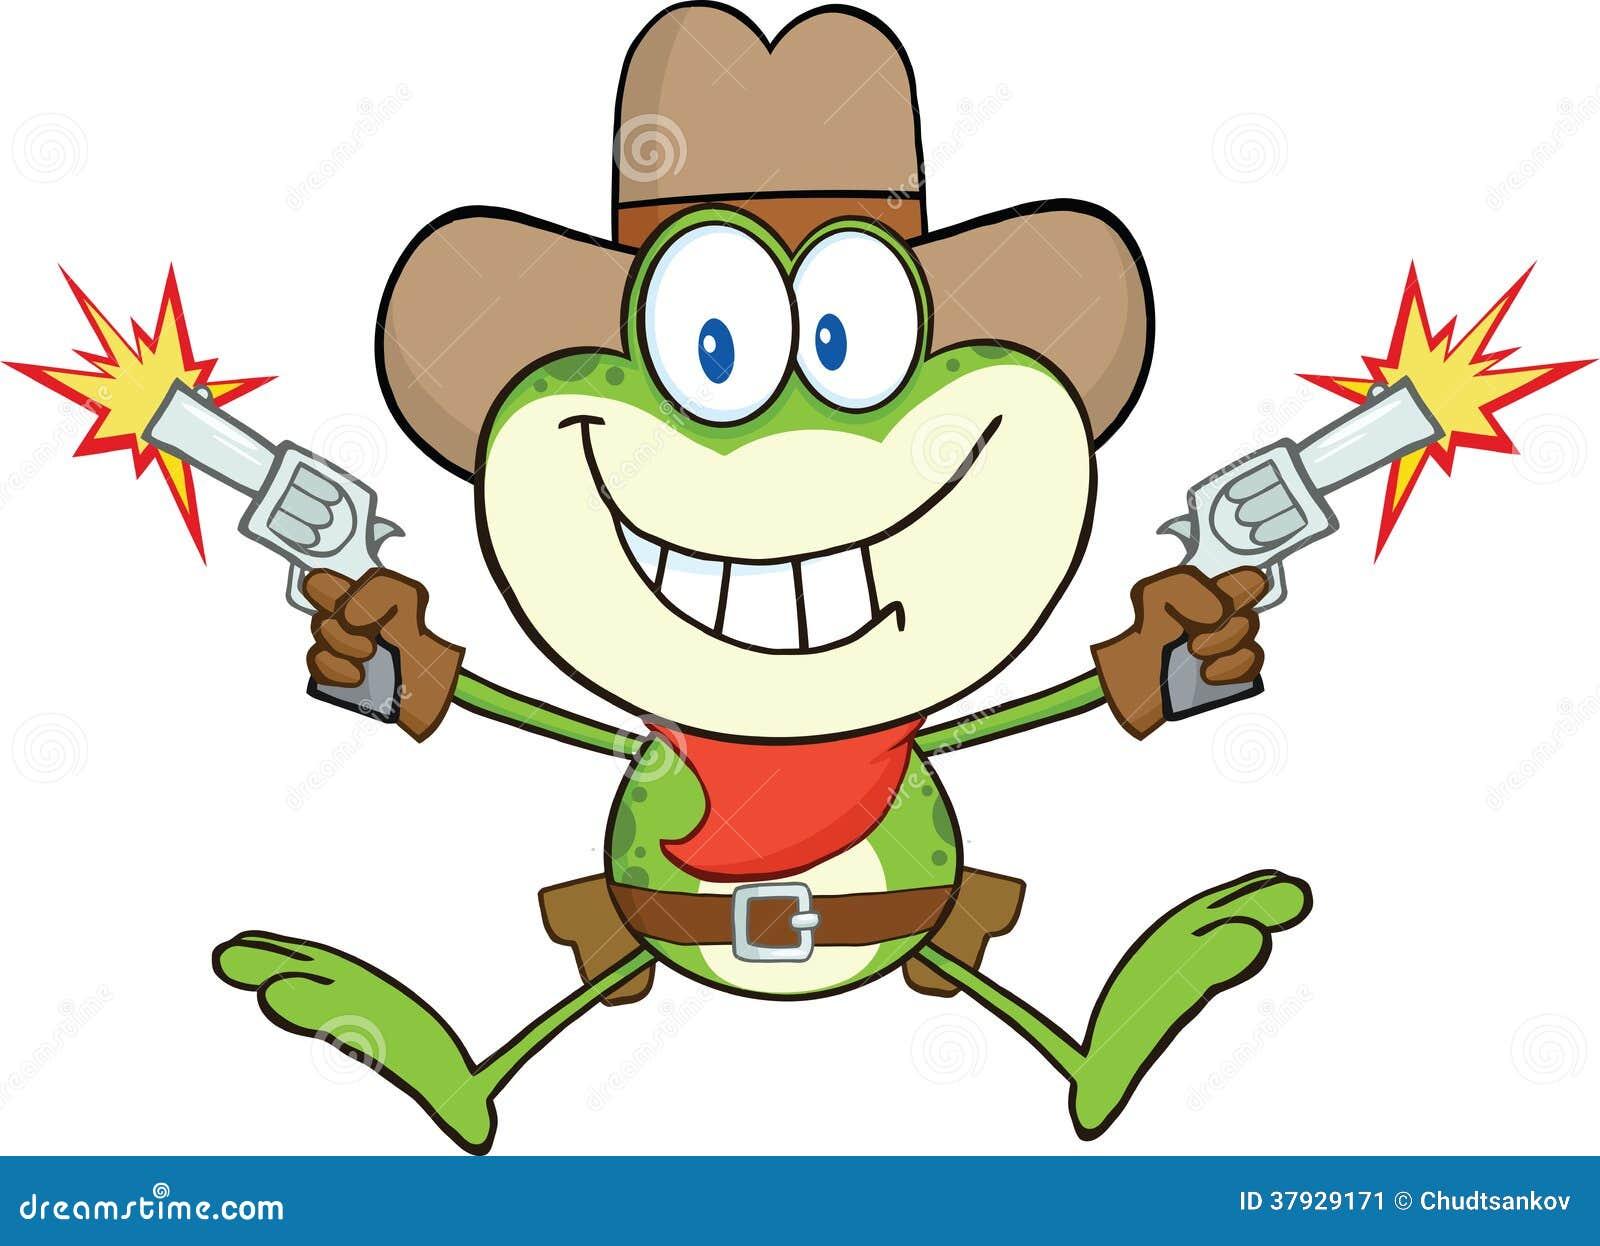 牛仔青蛙与两杆枪的漫画人物射击